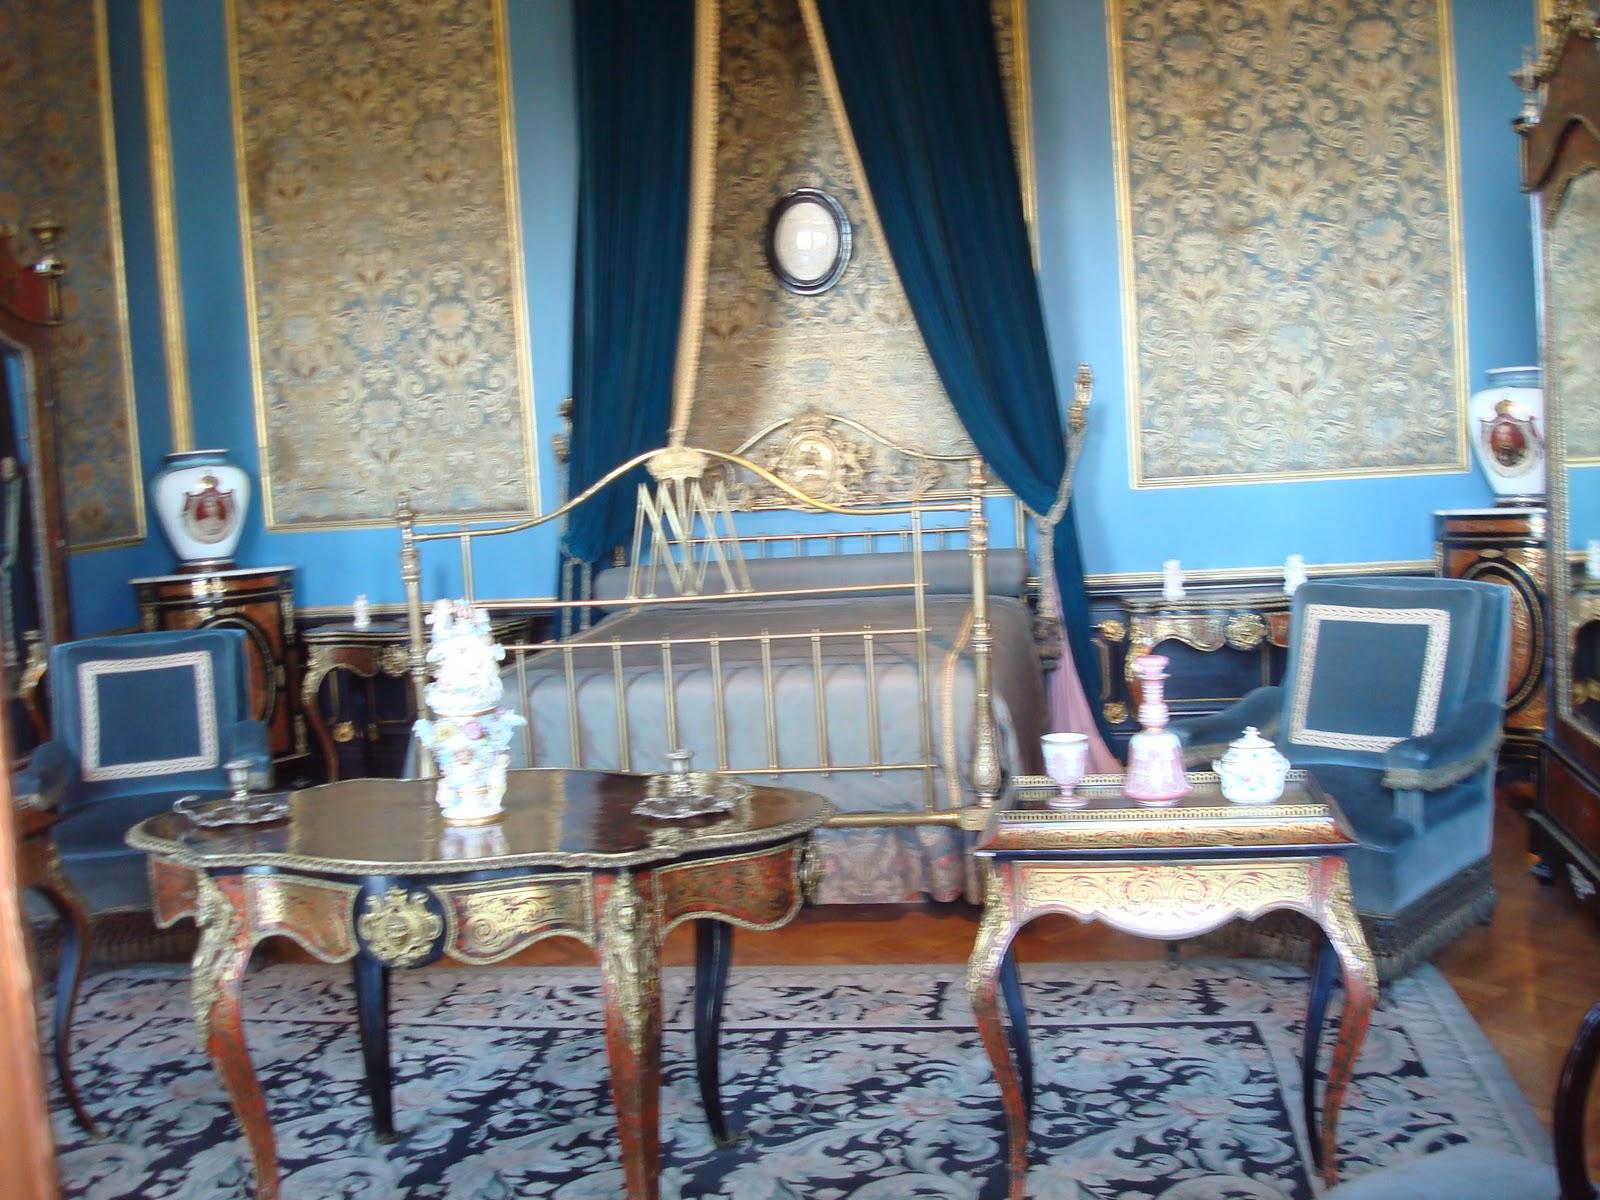 sancarlosfortin: muebles de carlota y maxi miliano en salones del ...